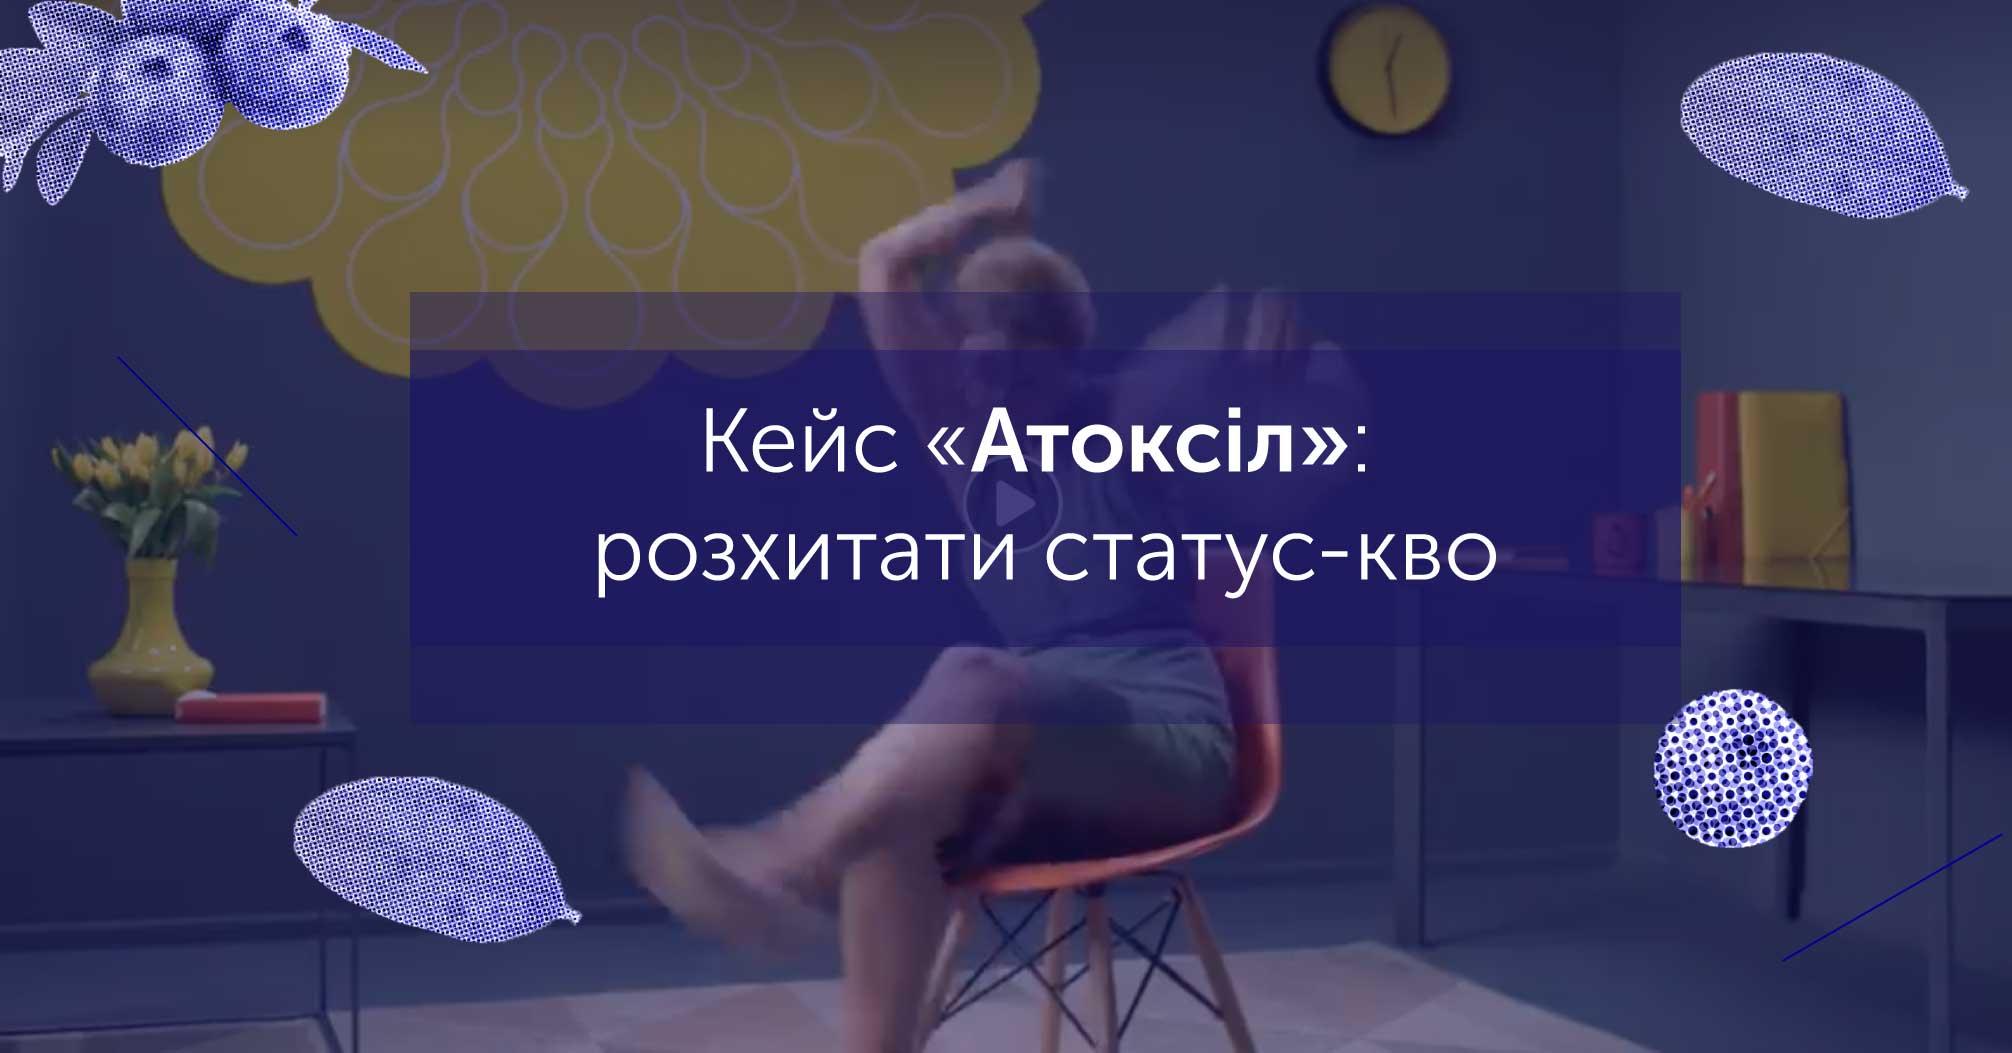 Кейс Атоксіл